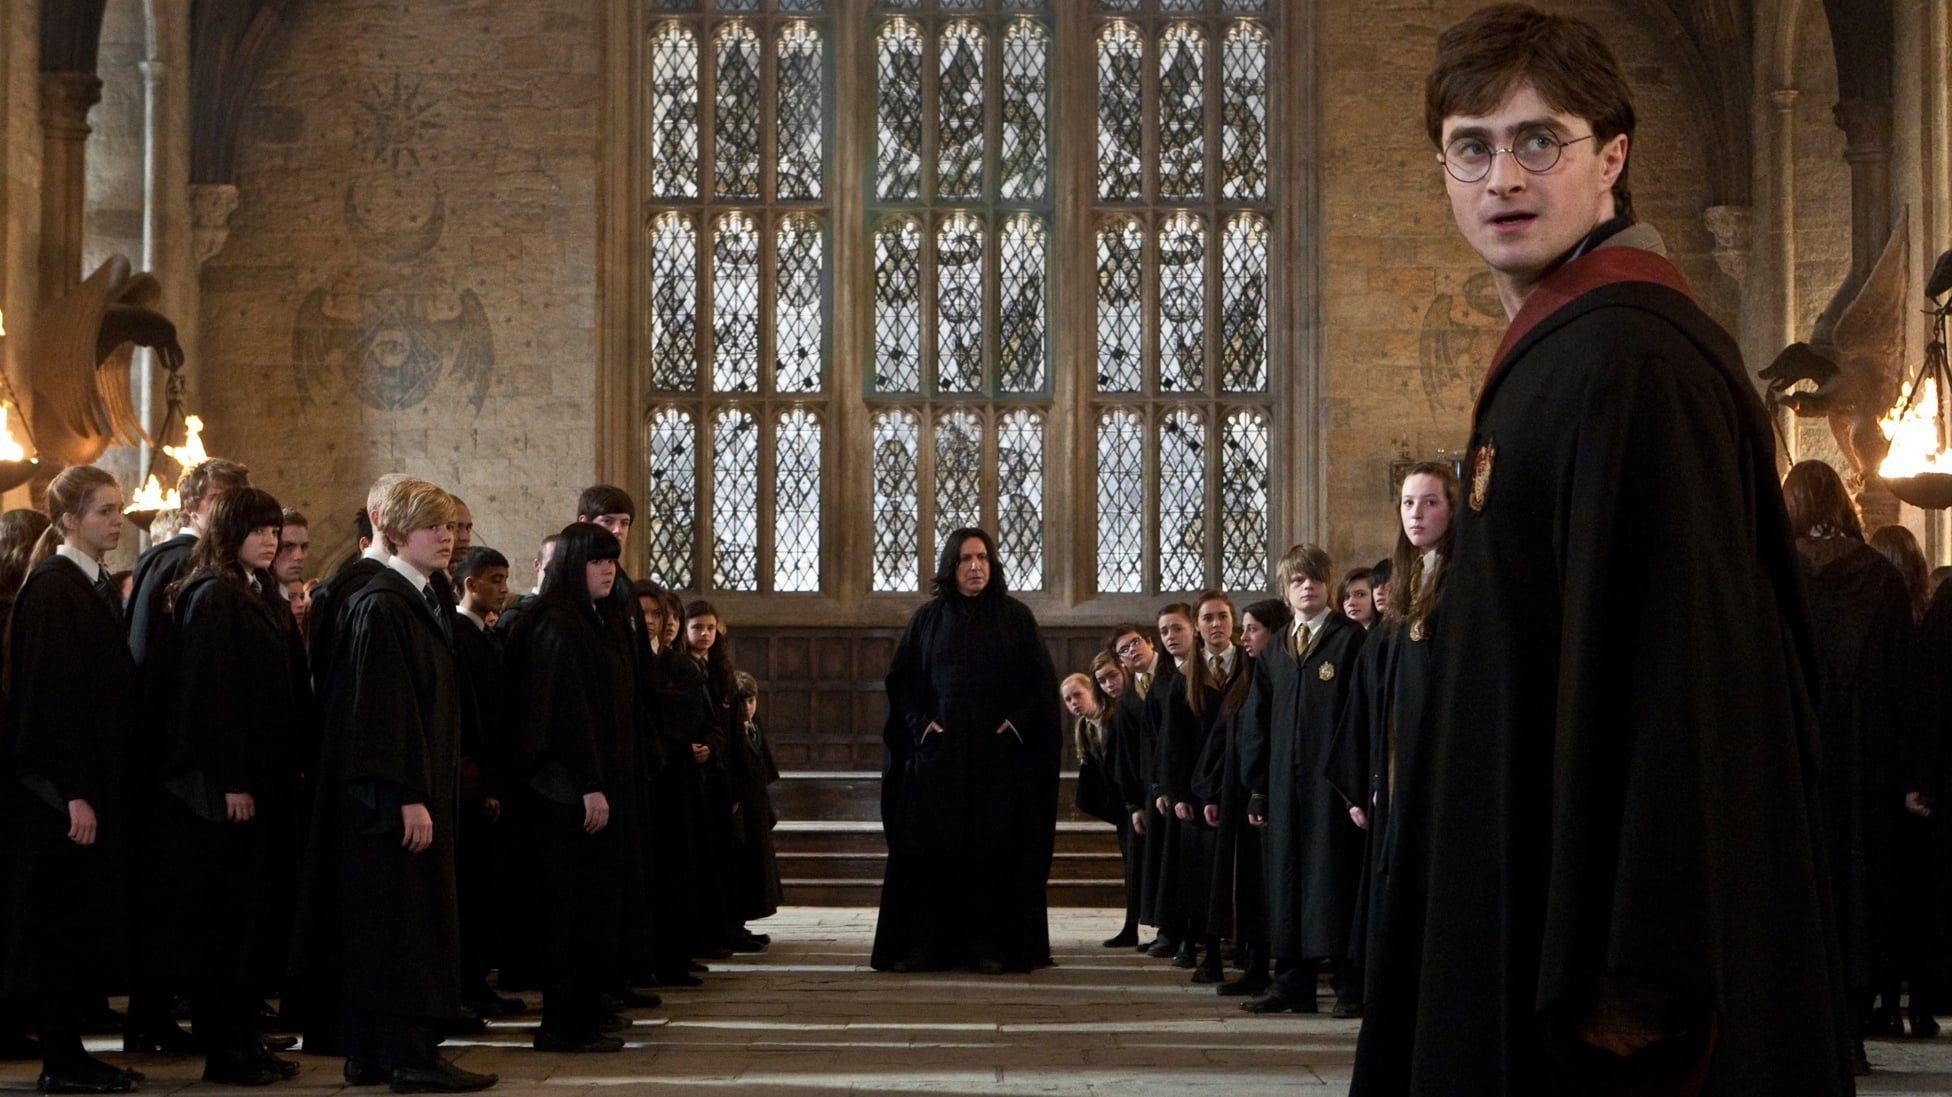 Harry Potter Und Die Heiligtumer Des Todes Teil 2 2011 Ganzer Film Deutsch Komplett Kino Das Ende Ist Nah Hogwarts H Severus Snape Harry Potter Alan Rickman